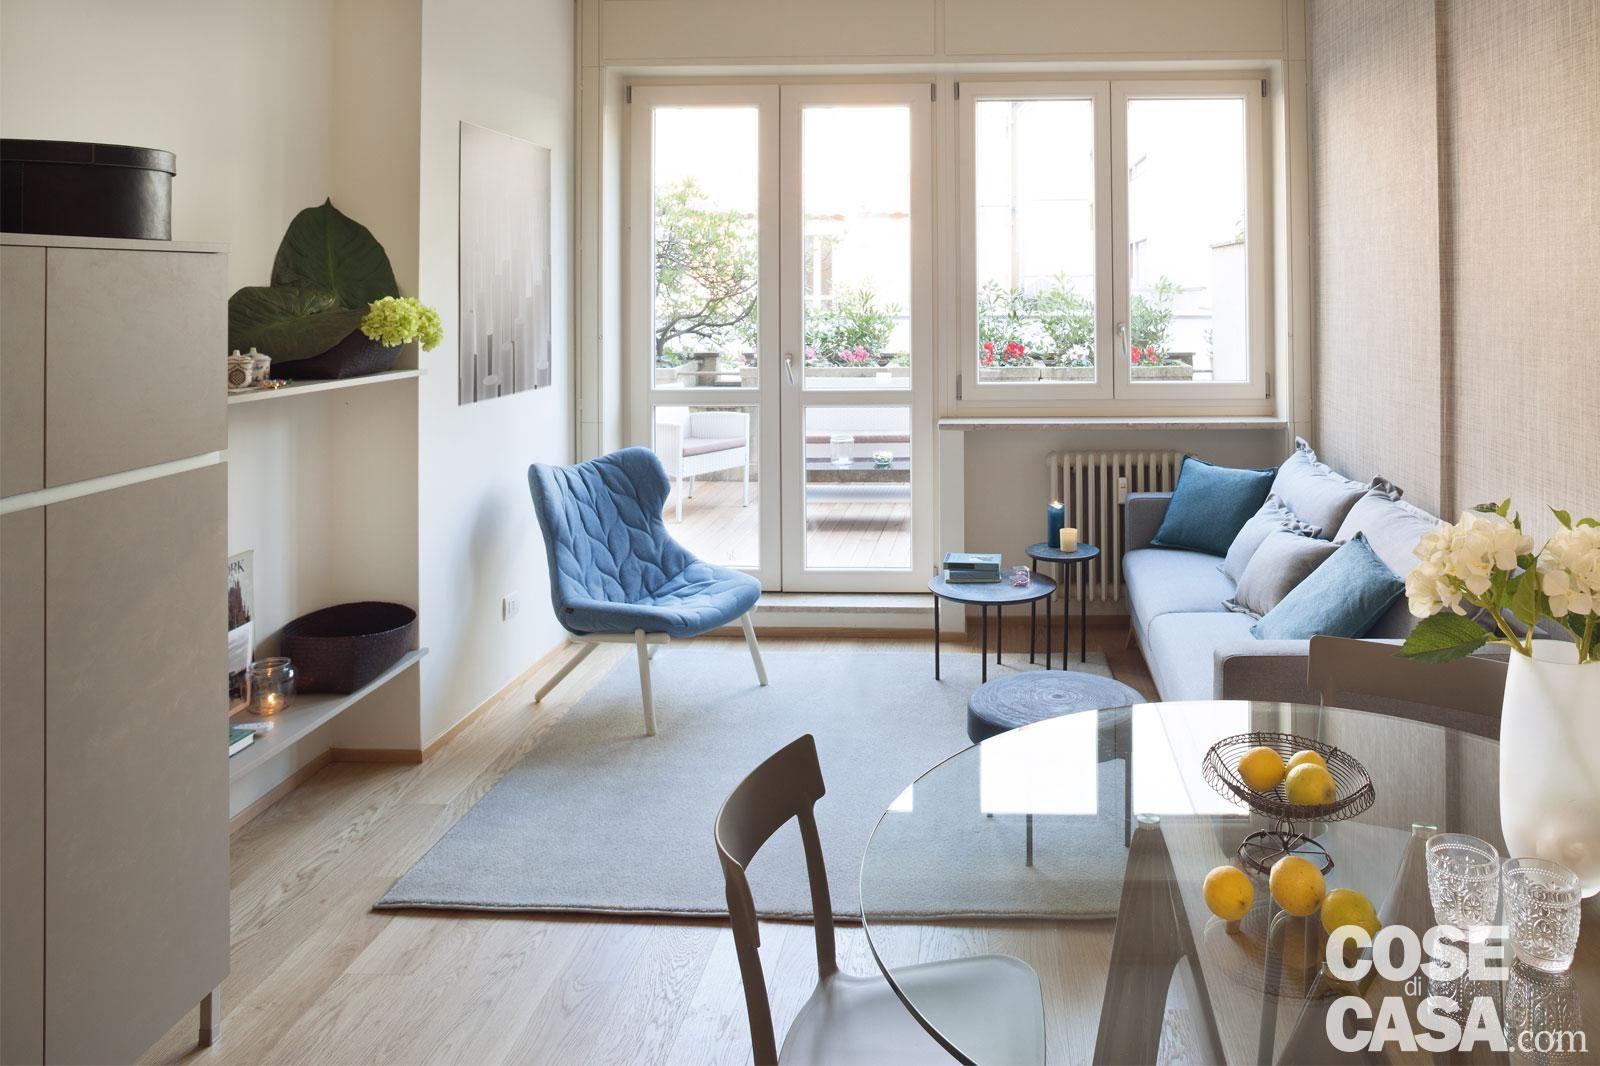 Un Bilocale Di 37 Mq Con Colori Soft Idee Per Decorare La Casa